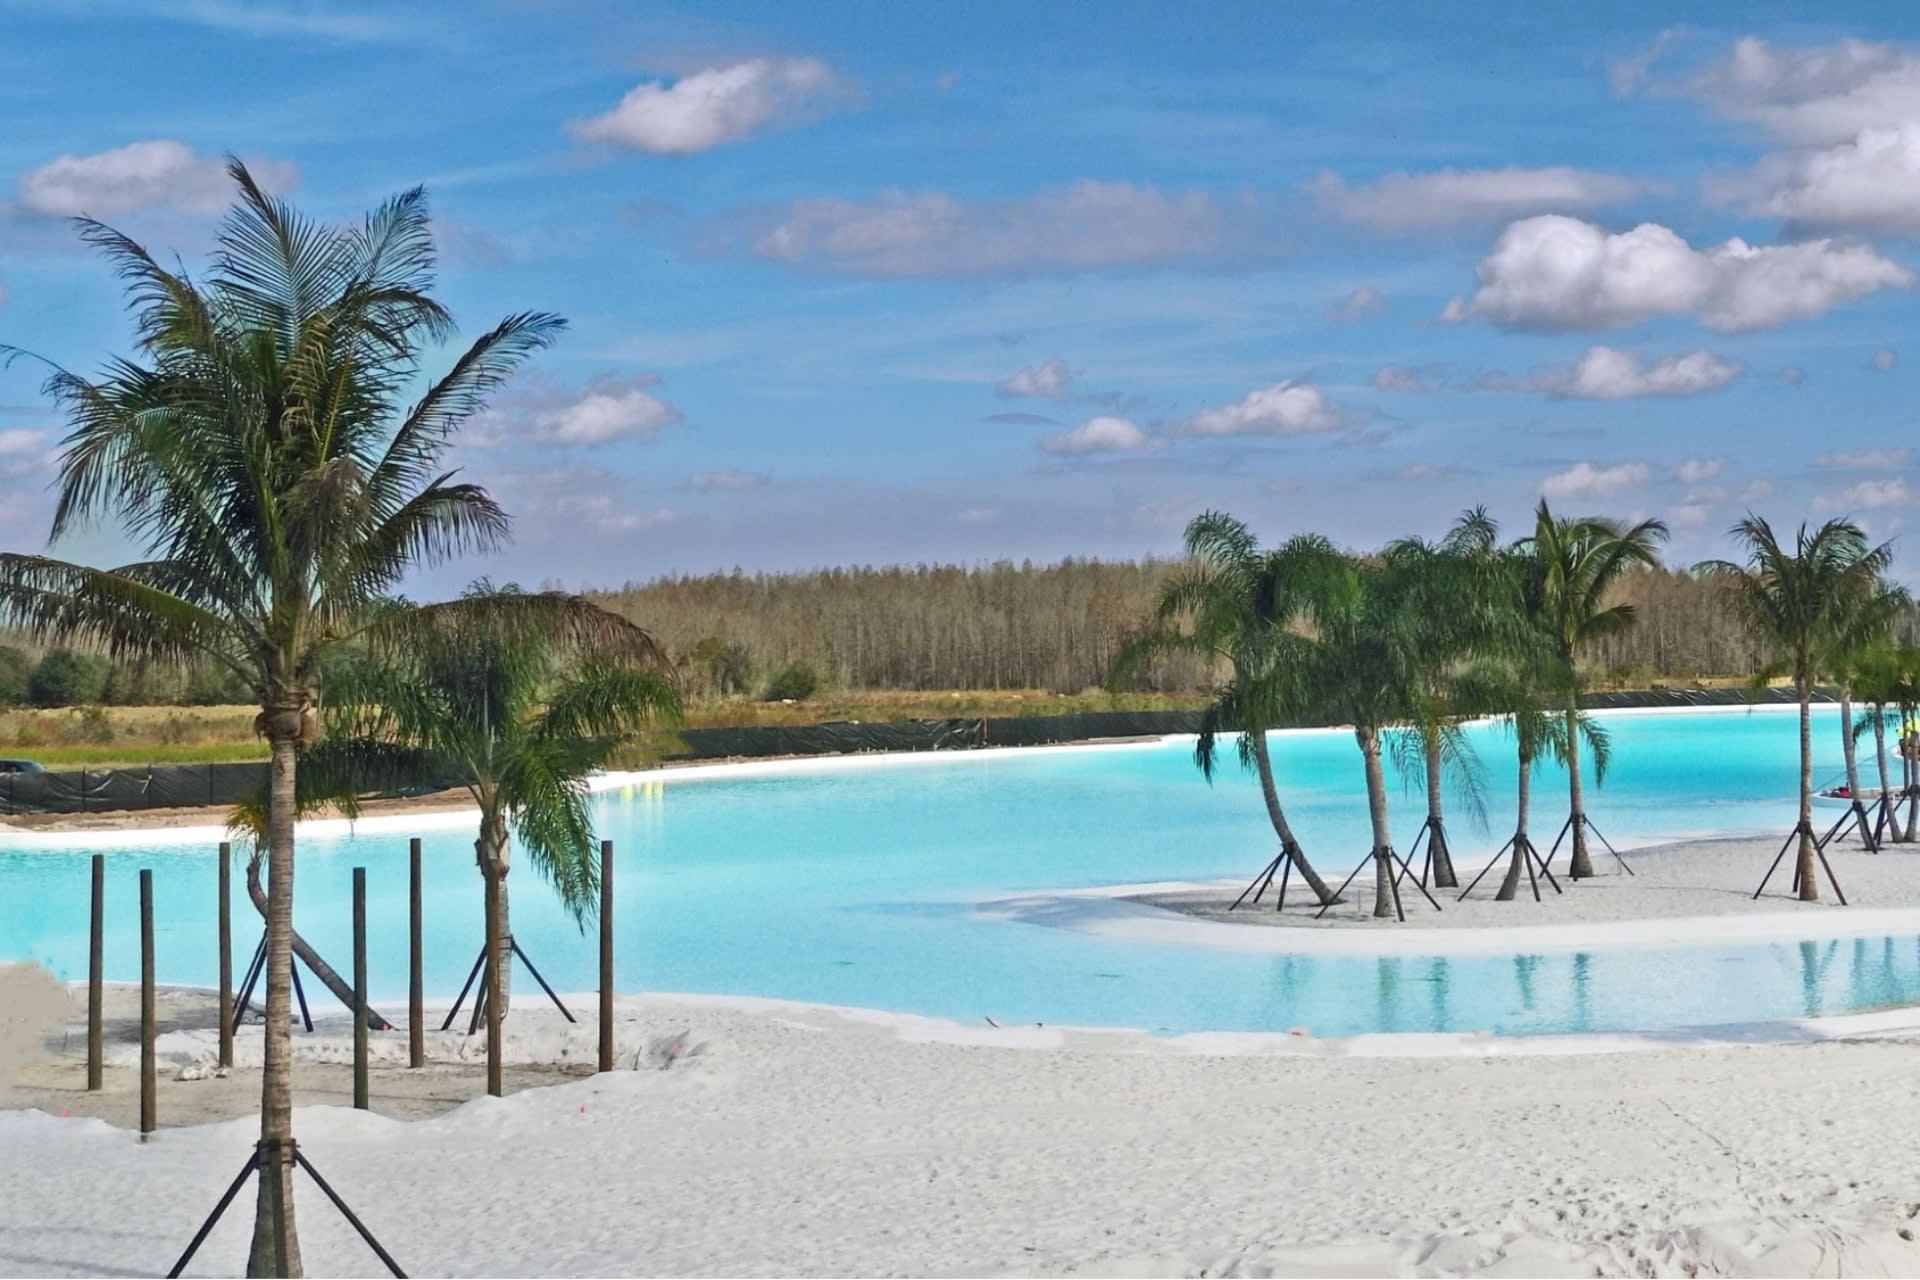 4 Reasons People Love Living in Lagoon Communities